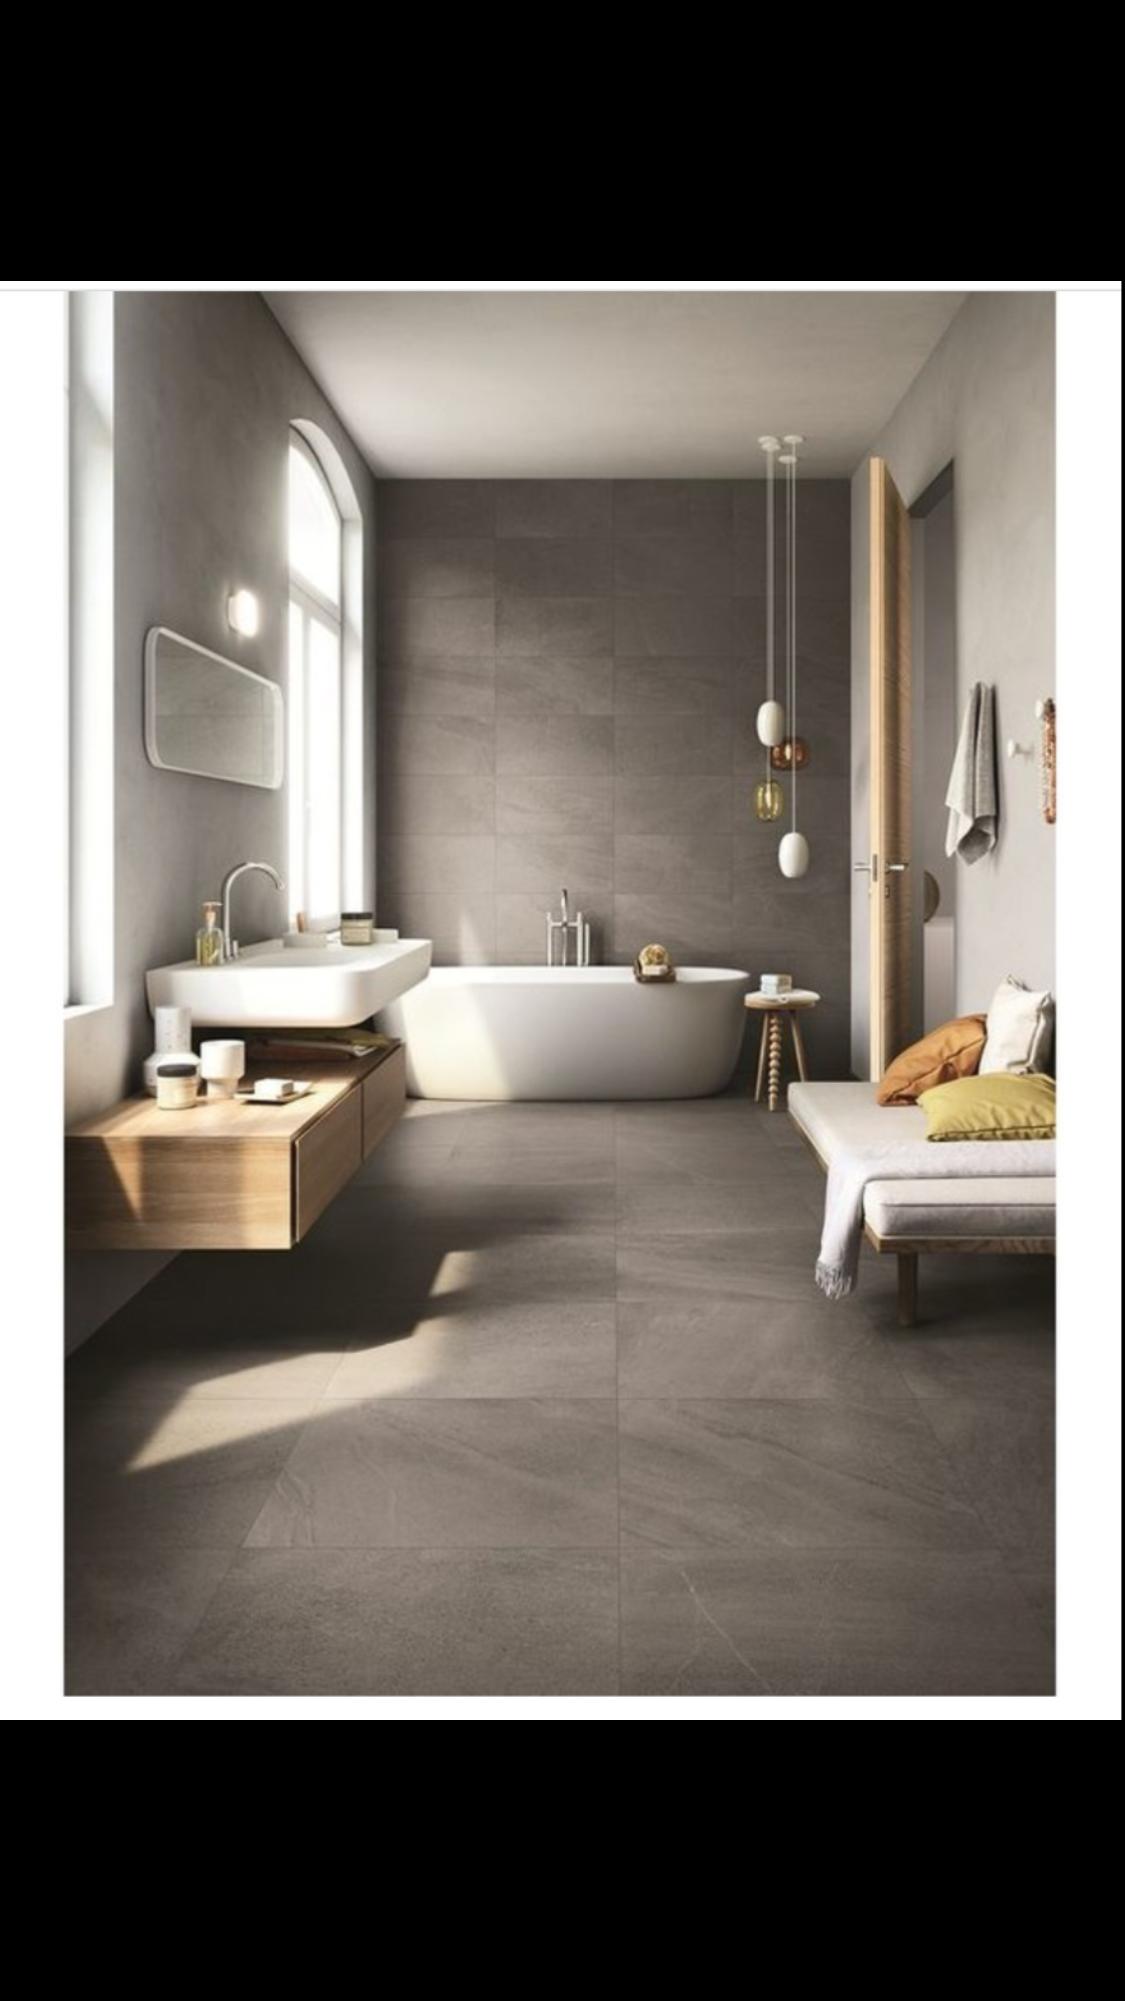 free ddfbafafece refaire sa salle de bain moindre cout dcor et mobilier with refaire une salle. Black Bedroom Furniture Sets. Home Design Ideas